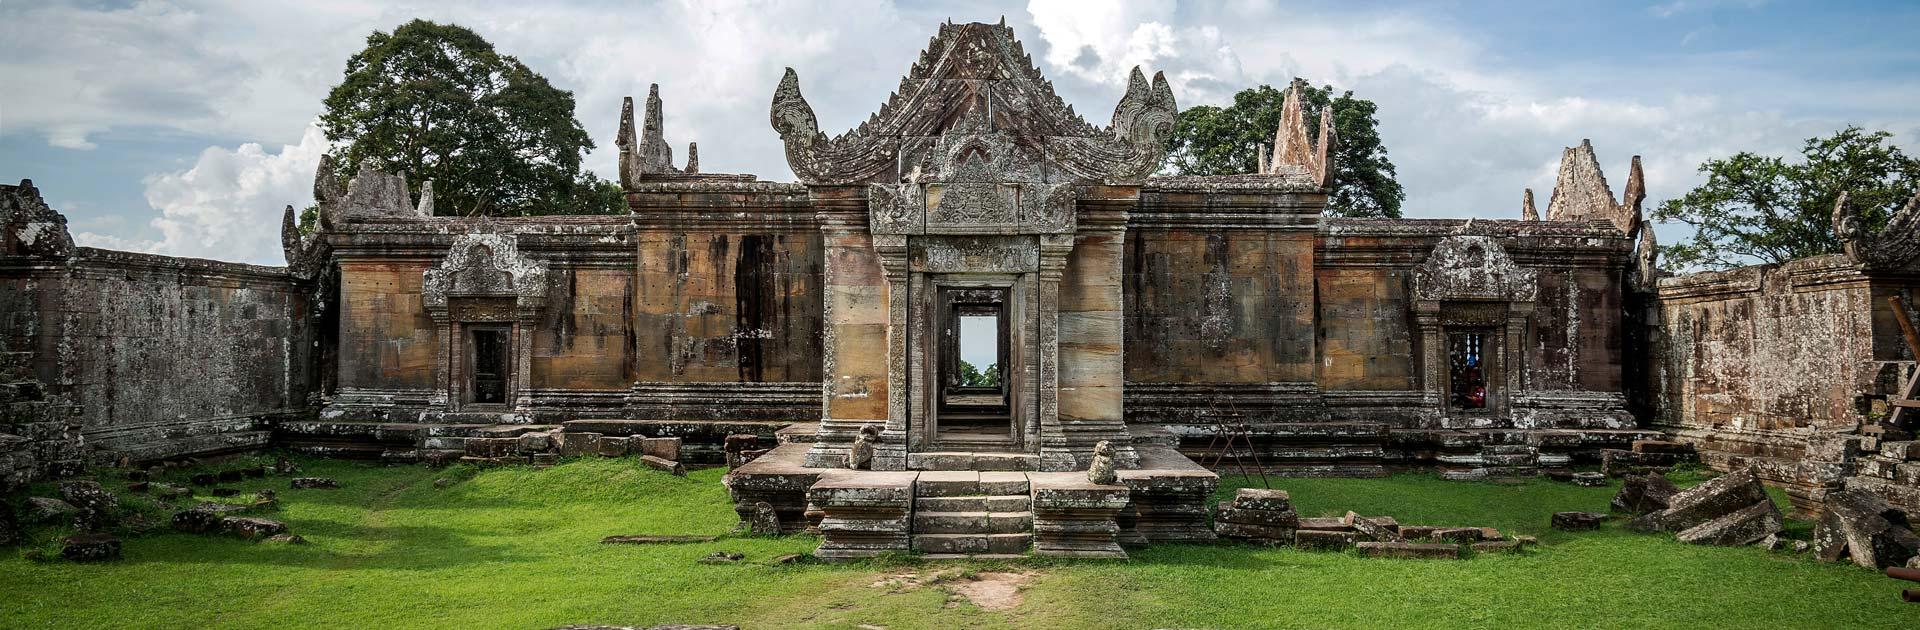 KH Camboya al Completo con Ratanakiri 16 días 2